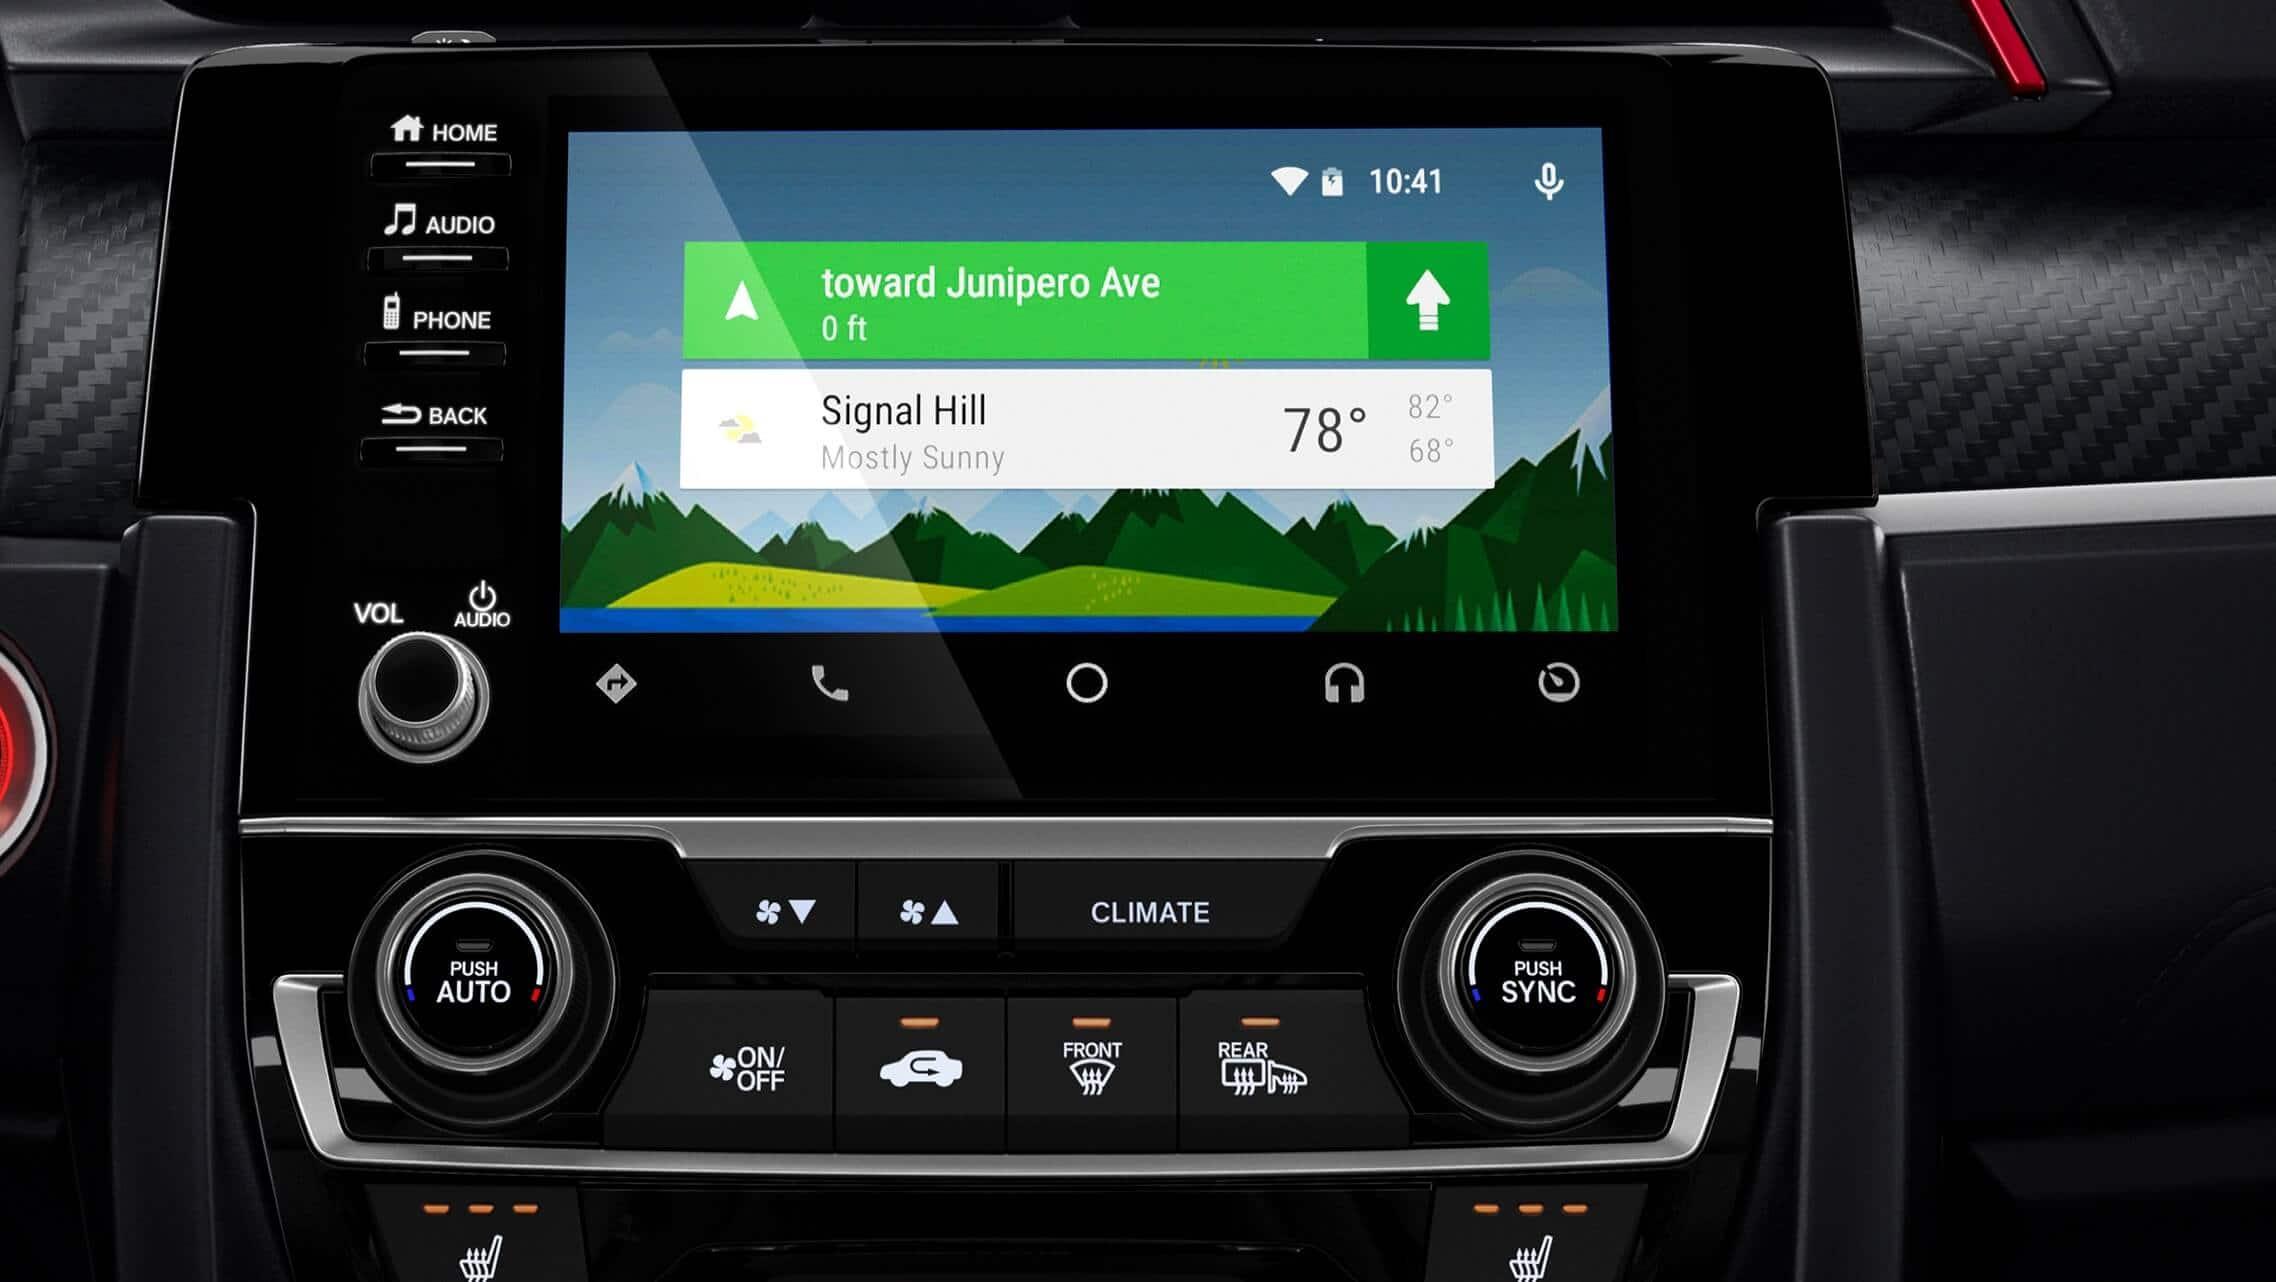 Detalle de Android Auto™ en la pantalla táctil del sistema de audio del Honda Civic Si Coupé2020.